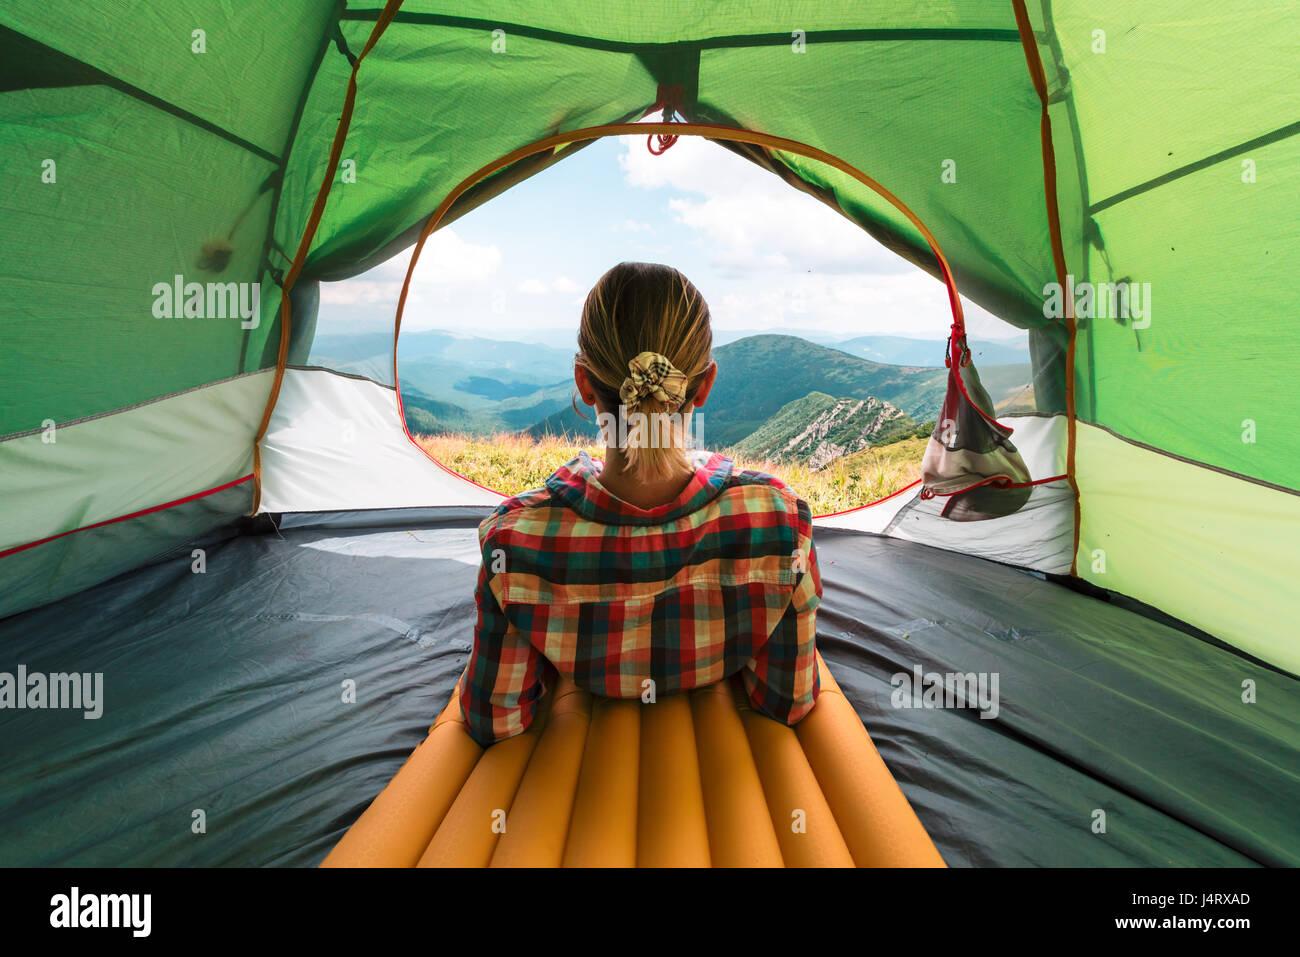 Chica sentada en el tabernáculo con el telón de fondo de un increíble paisaje de montaña. Día Imagen De Stock